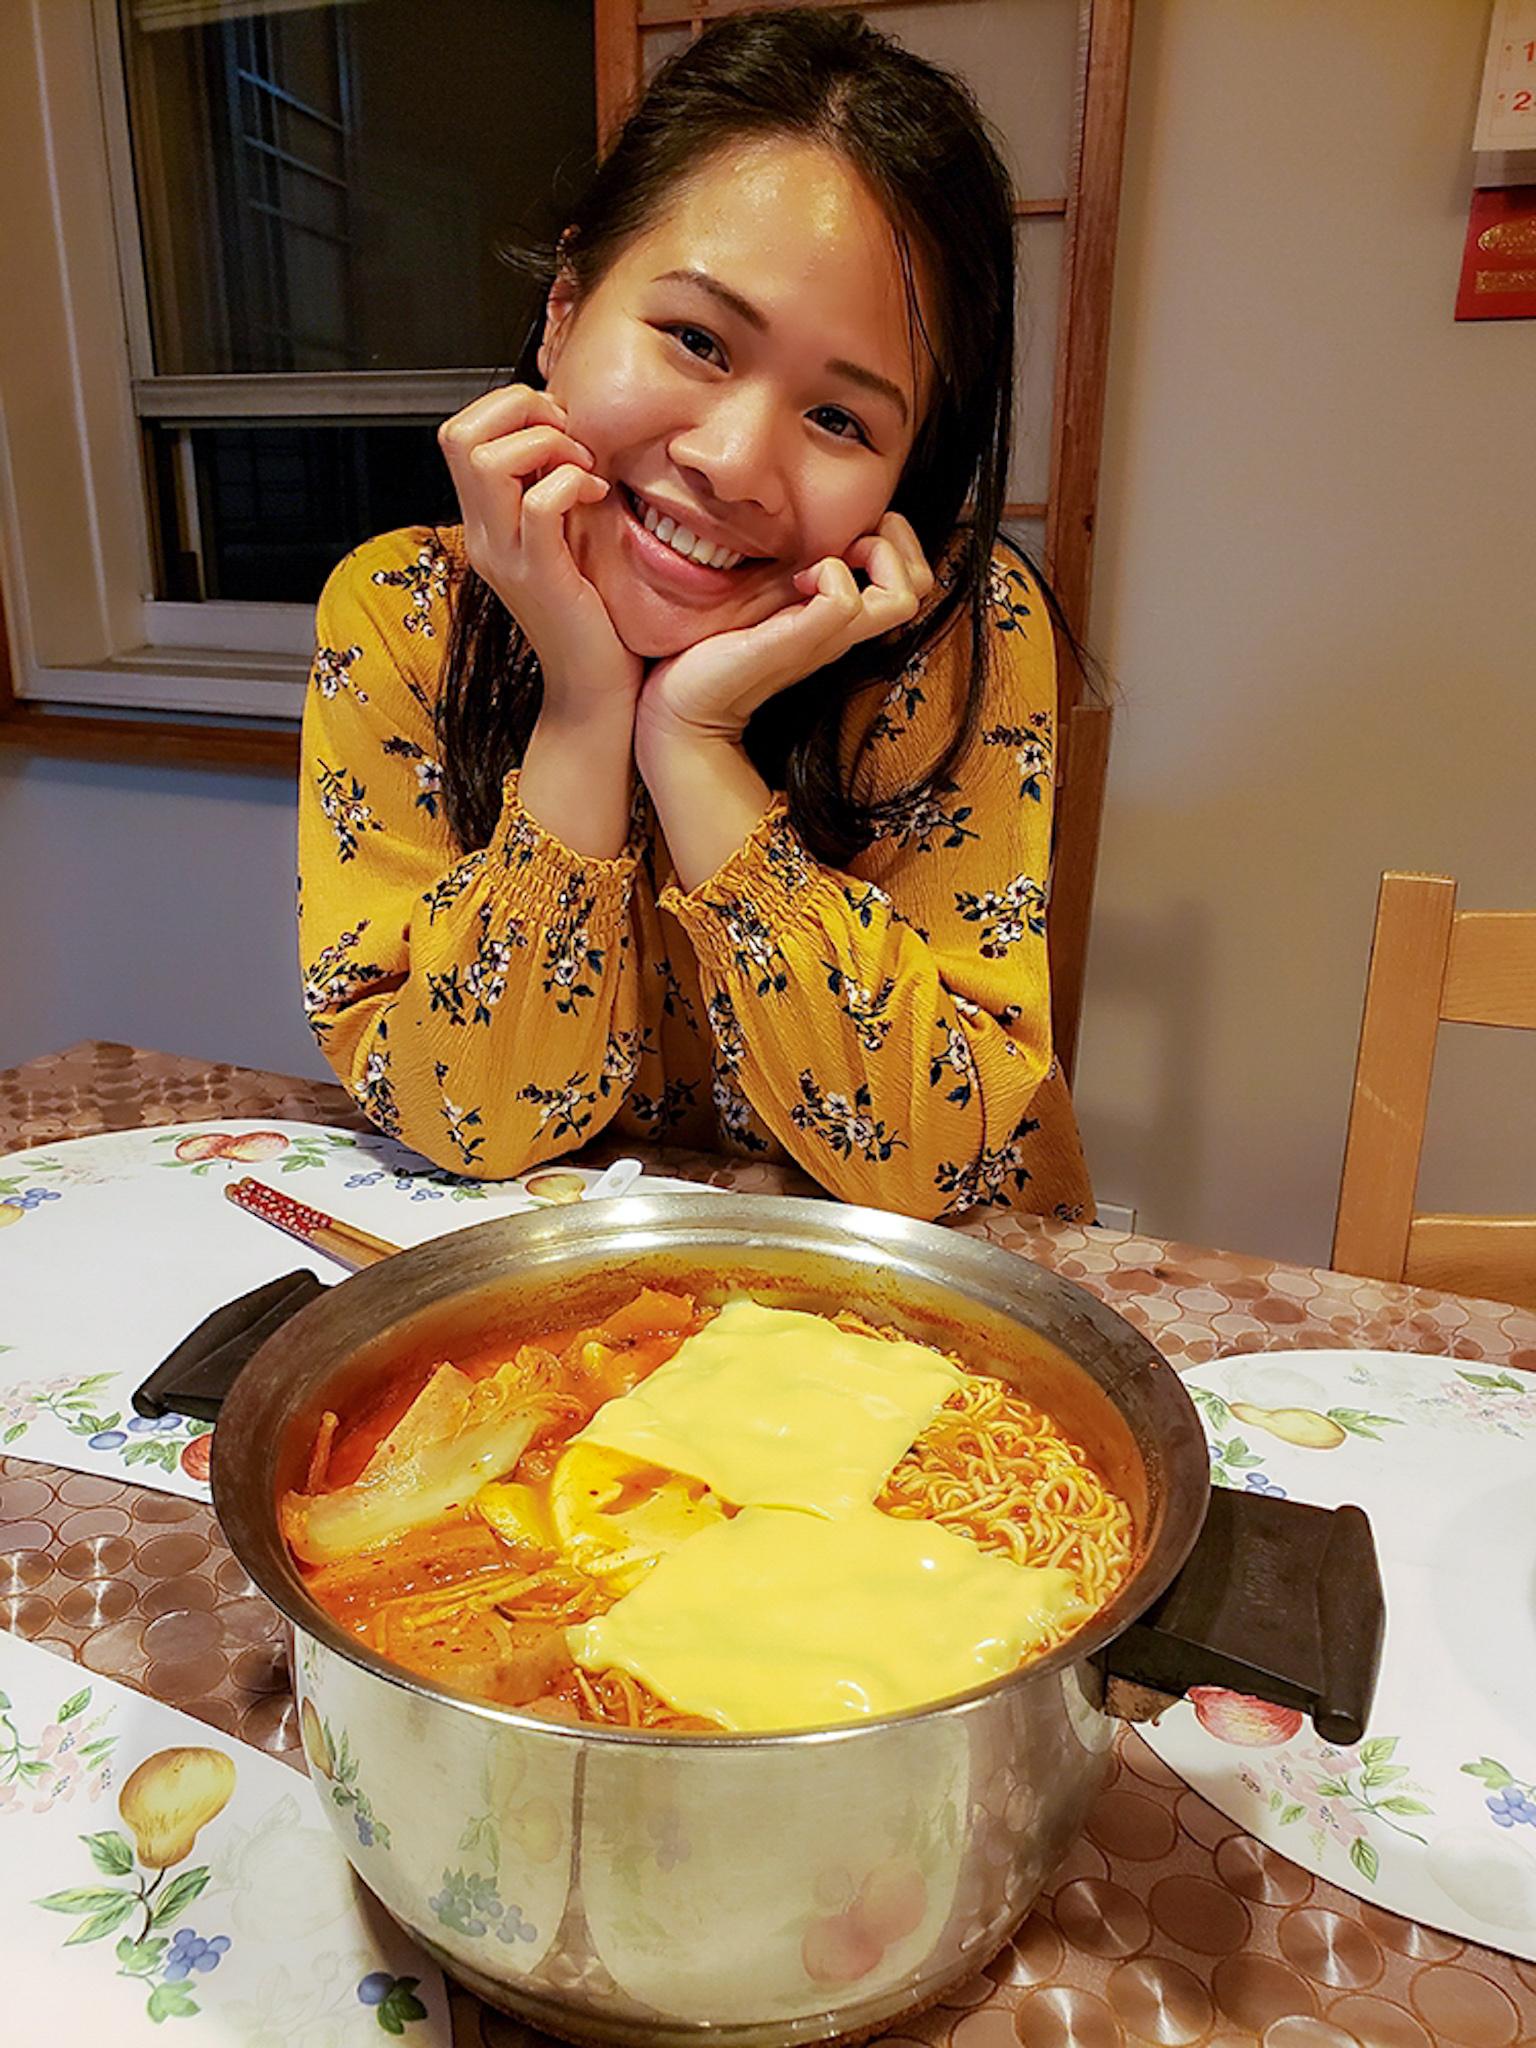 presenting: budae jjigae aka army stew